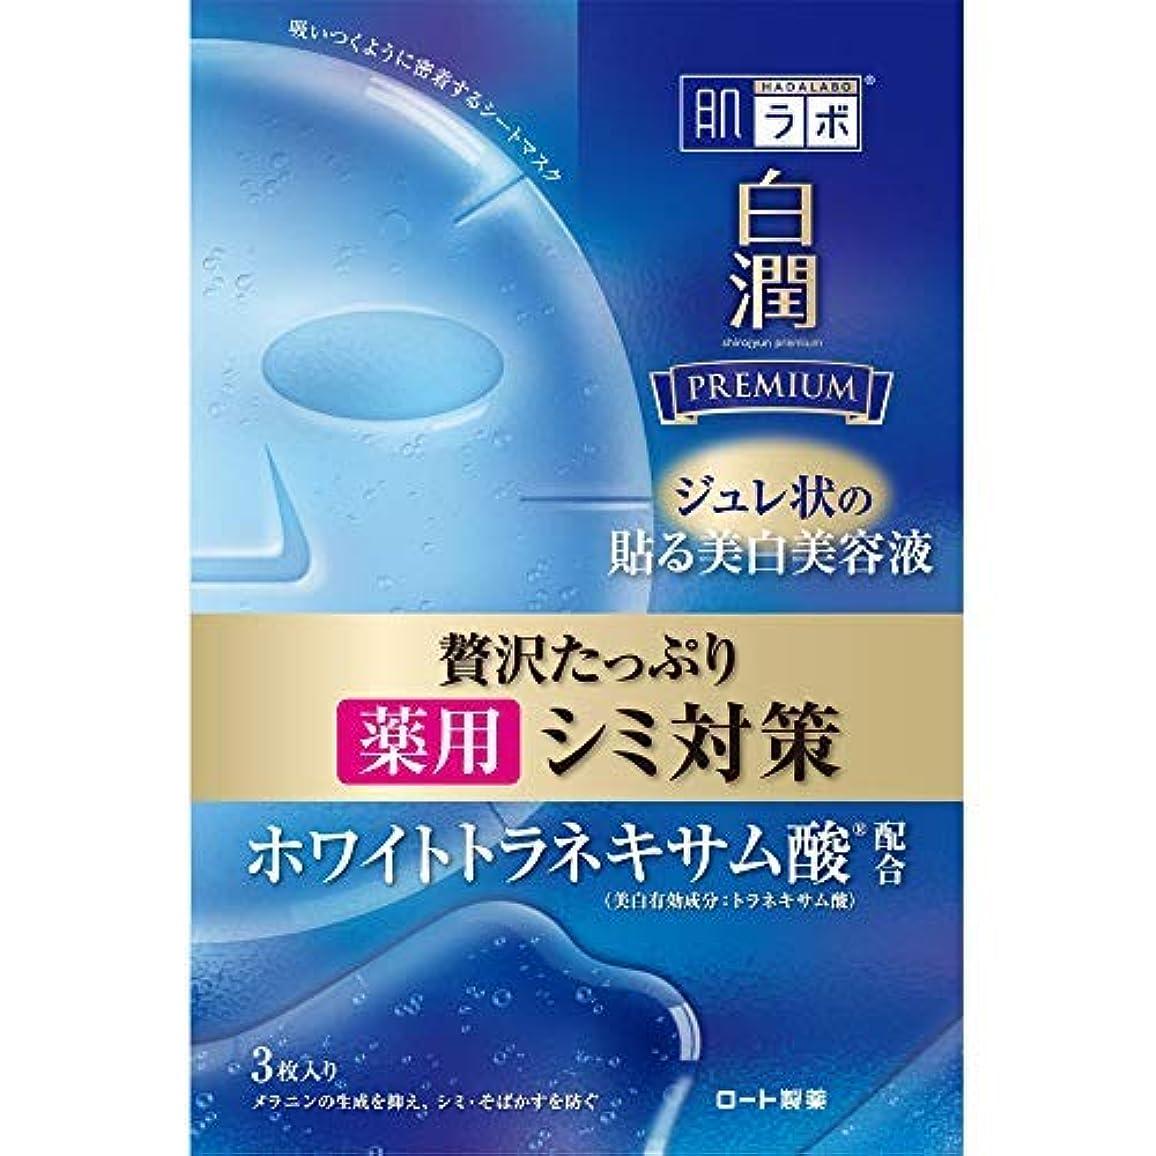 重要な不均一発生する肌ラボ 白潤プレミアム 薬用浸透美白ジュレマスク × 10個セット